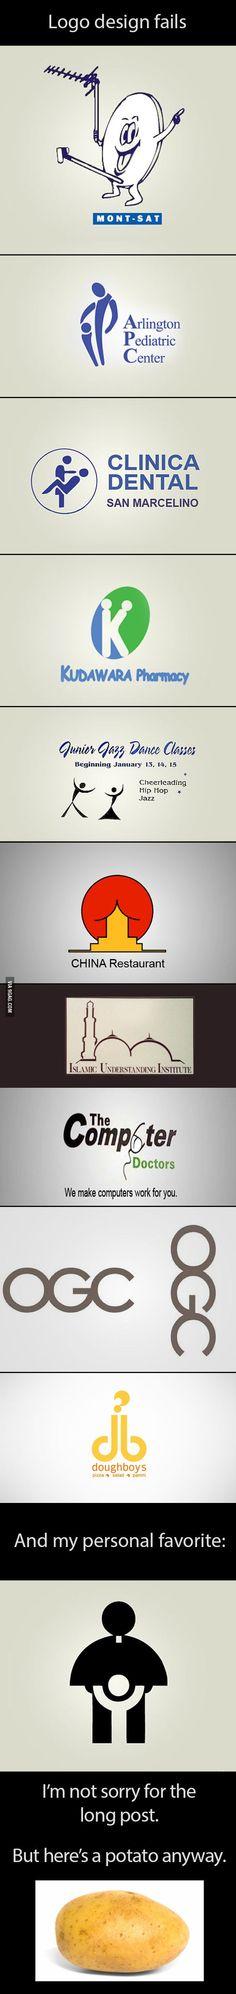 Worst logo designs